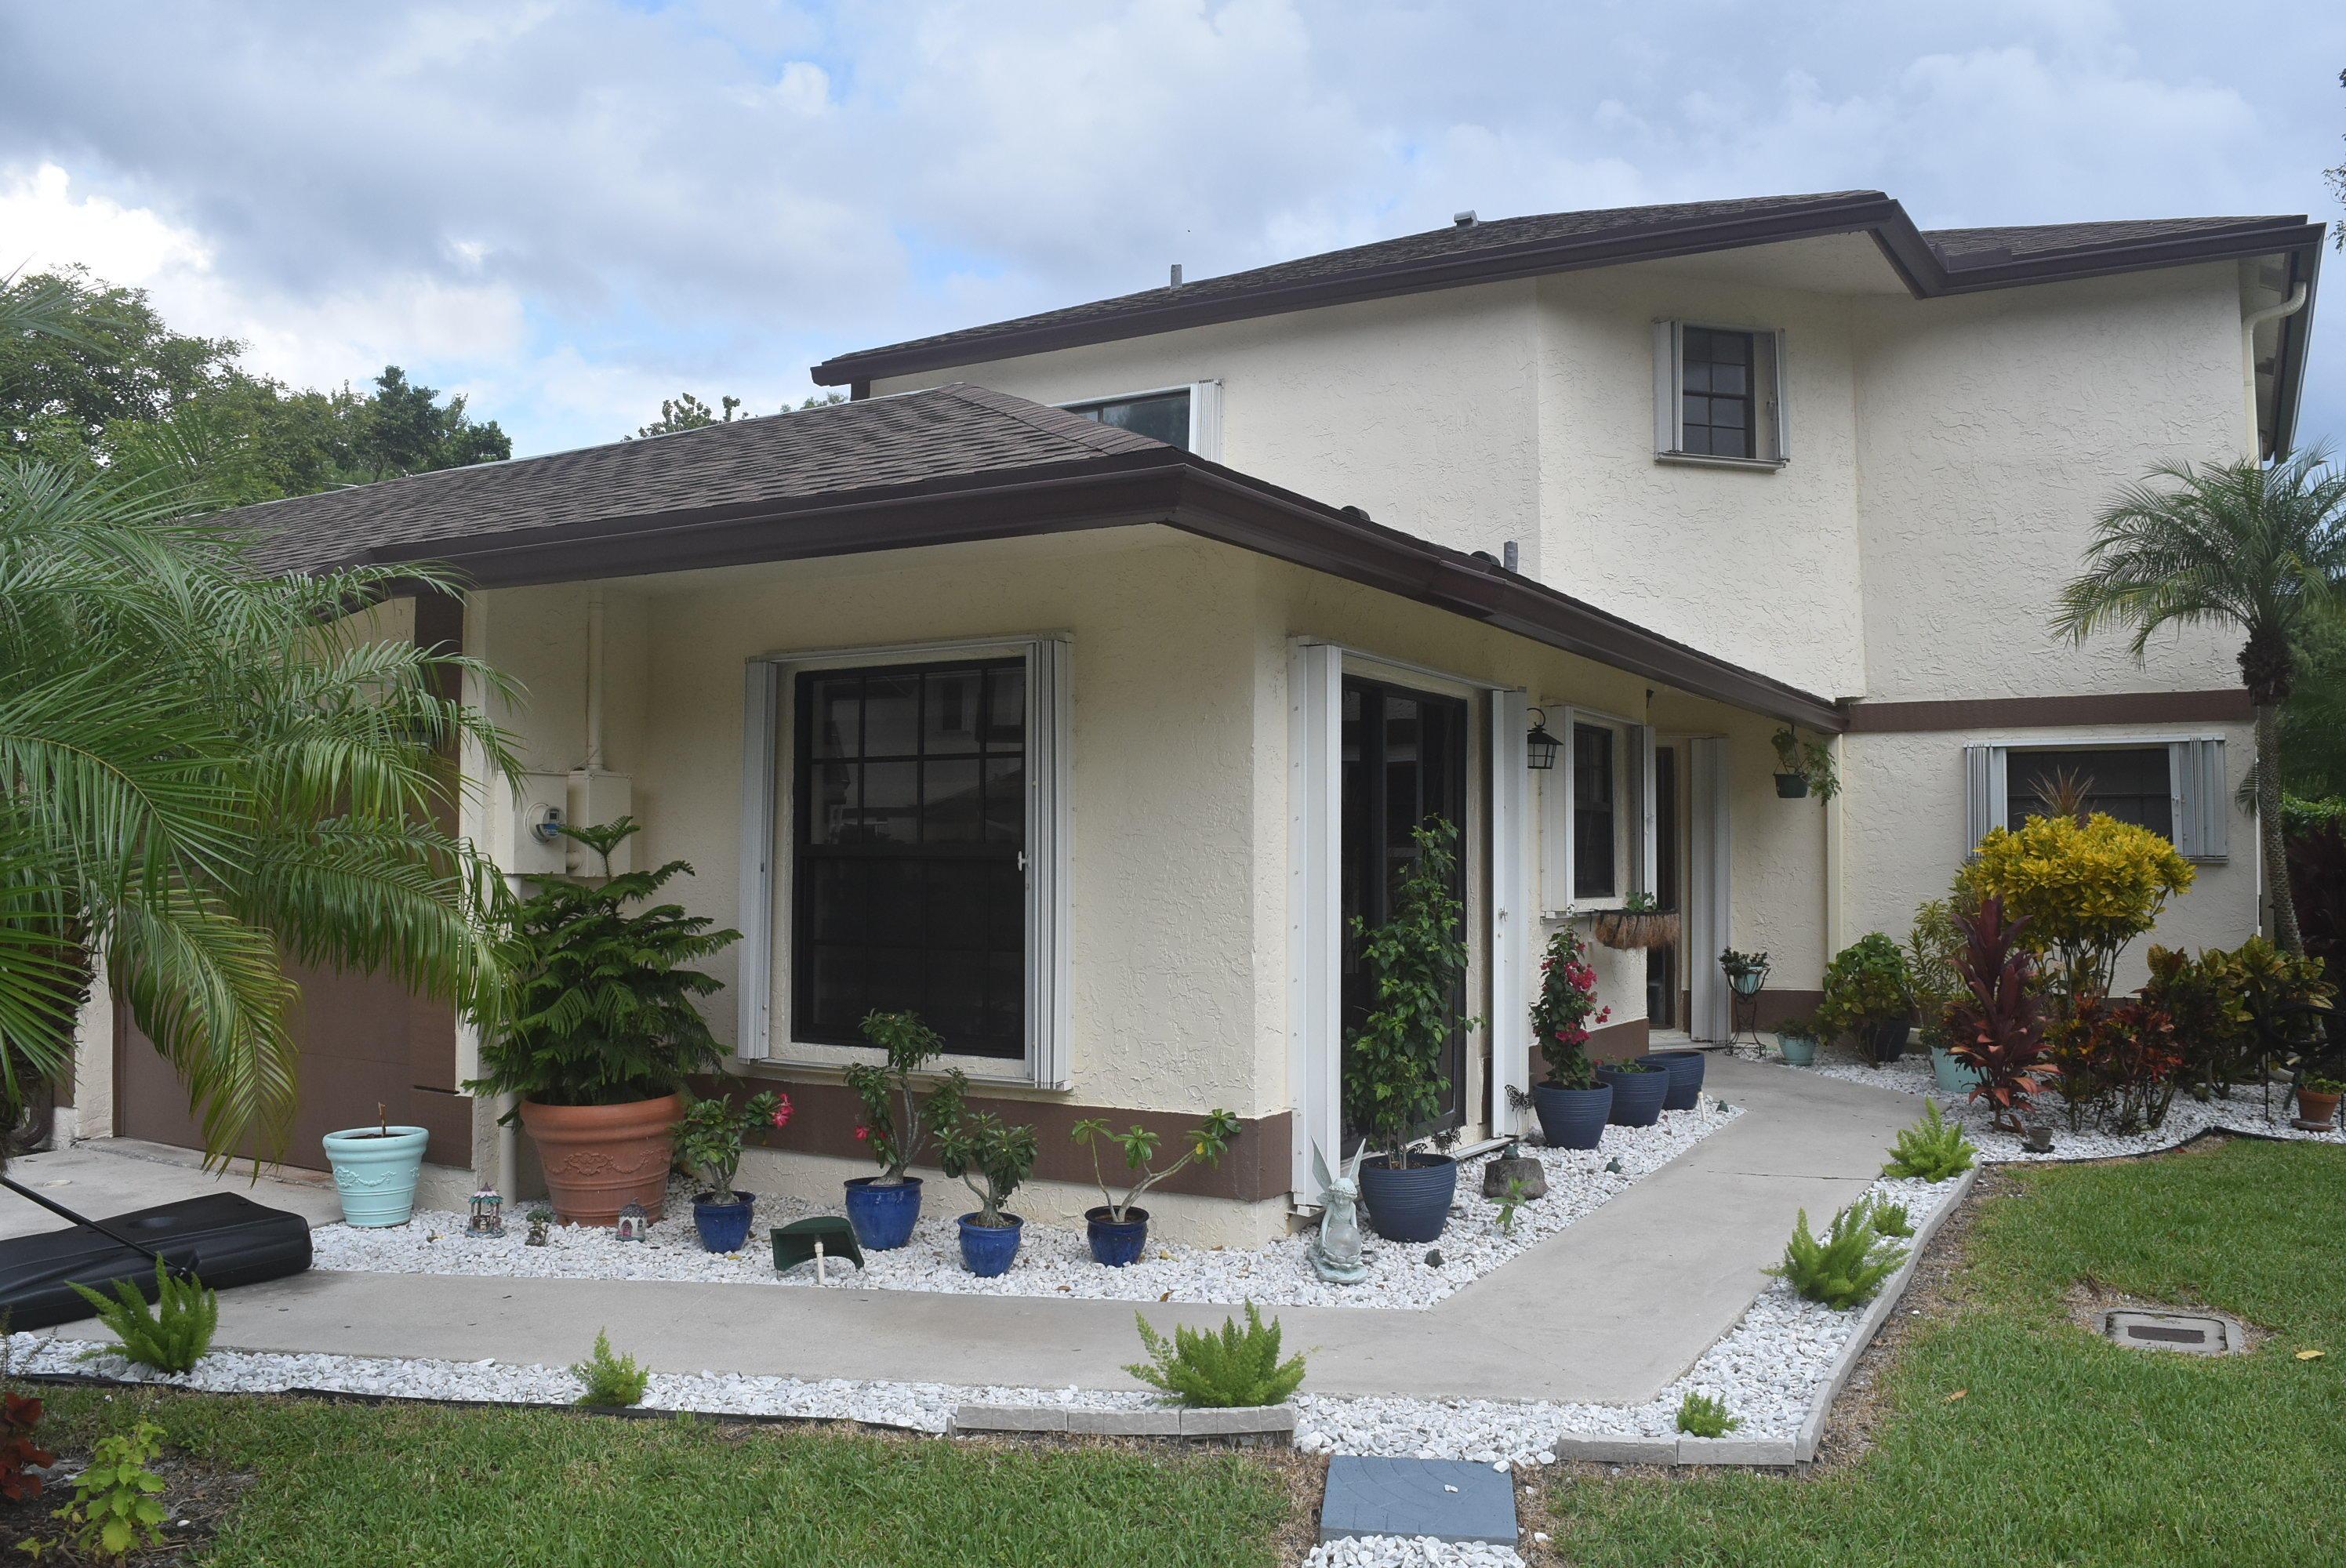 20784  Boca Ridge Drive N 33428 - One of Boca Raton Homes for Sale